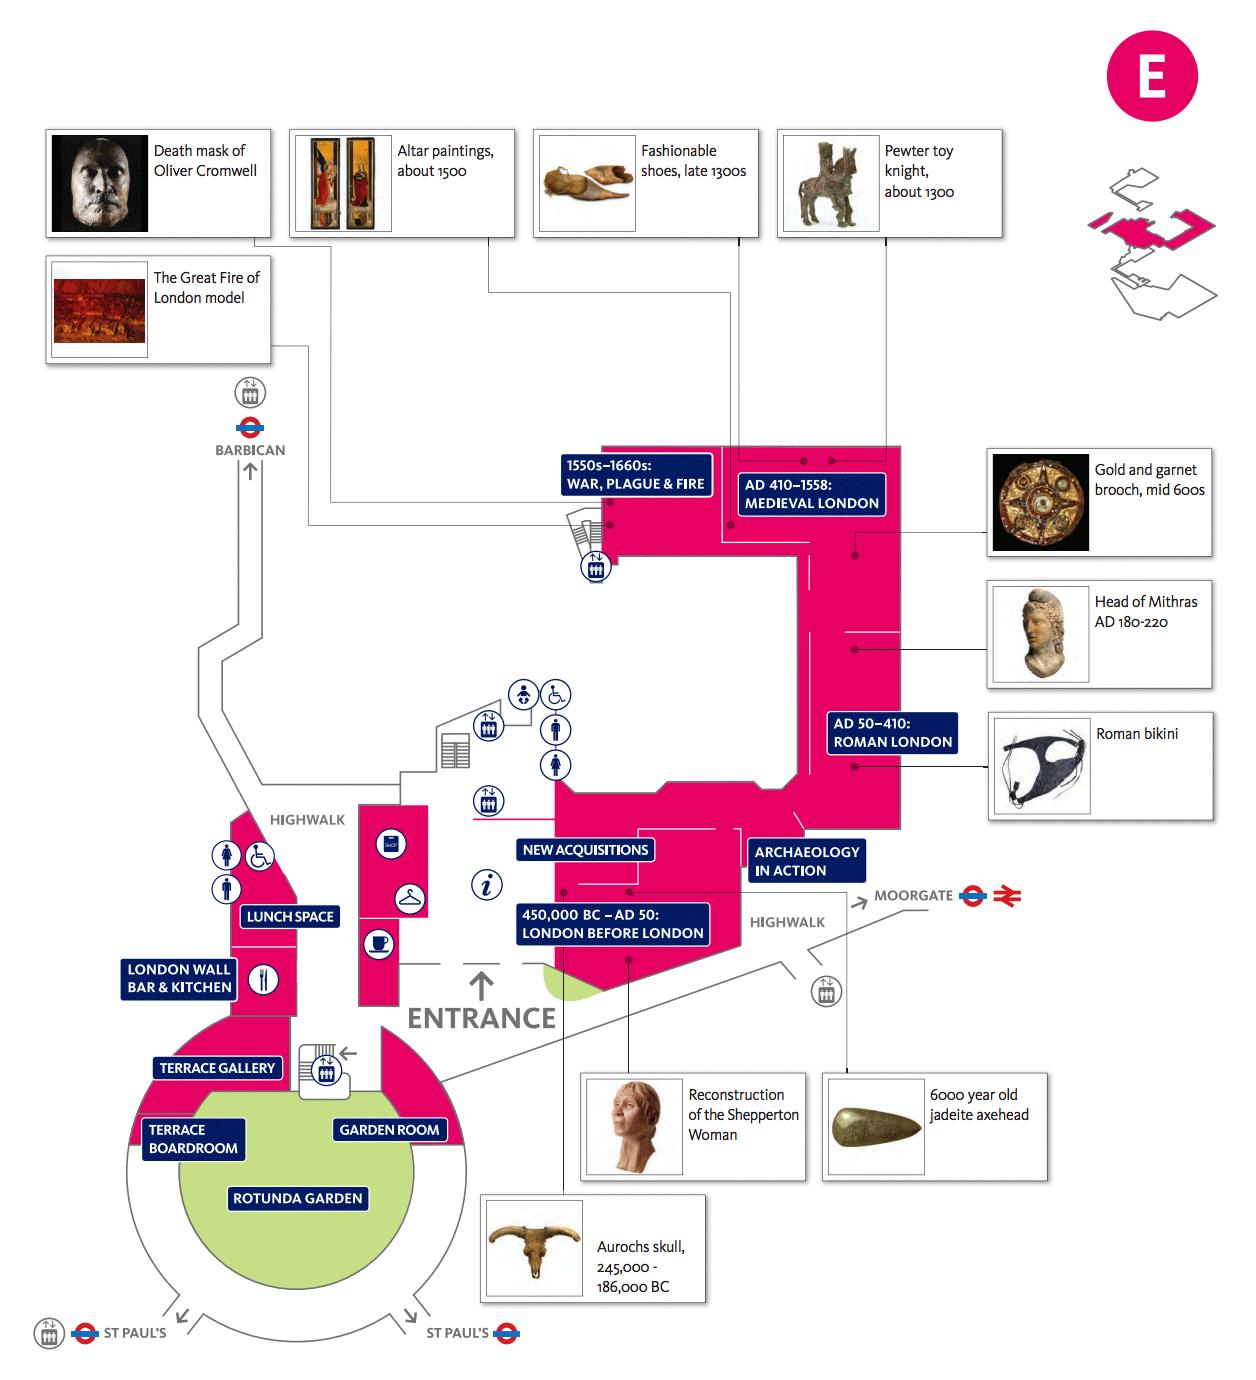 Museo de Londres o London museum